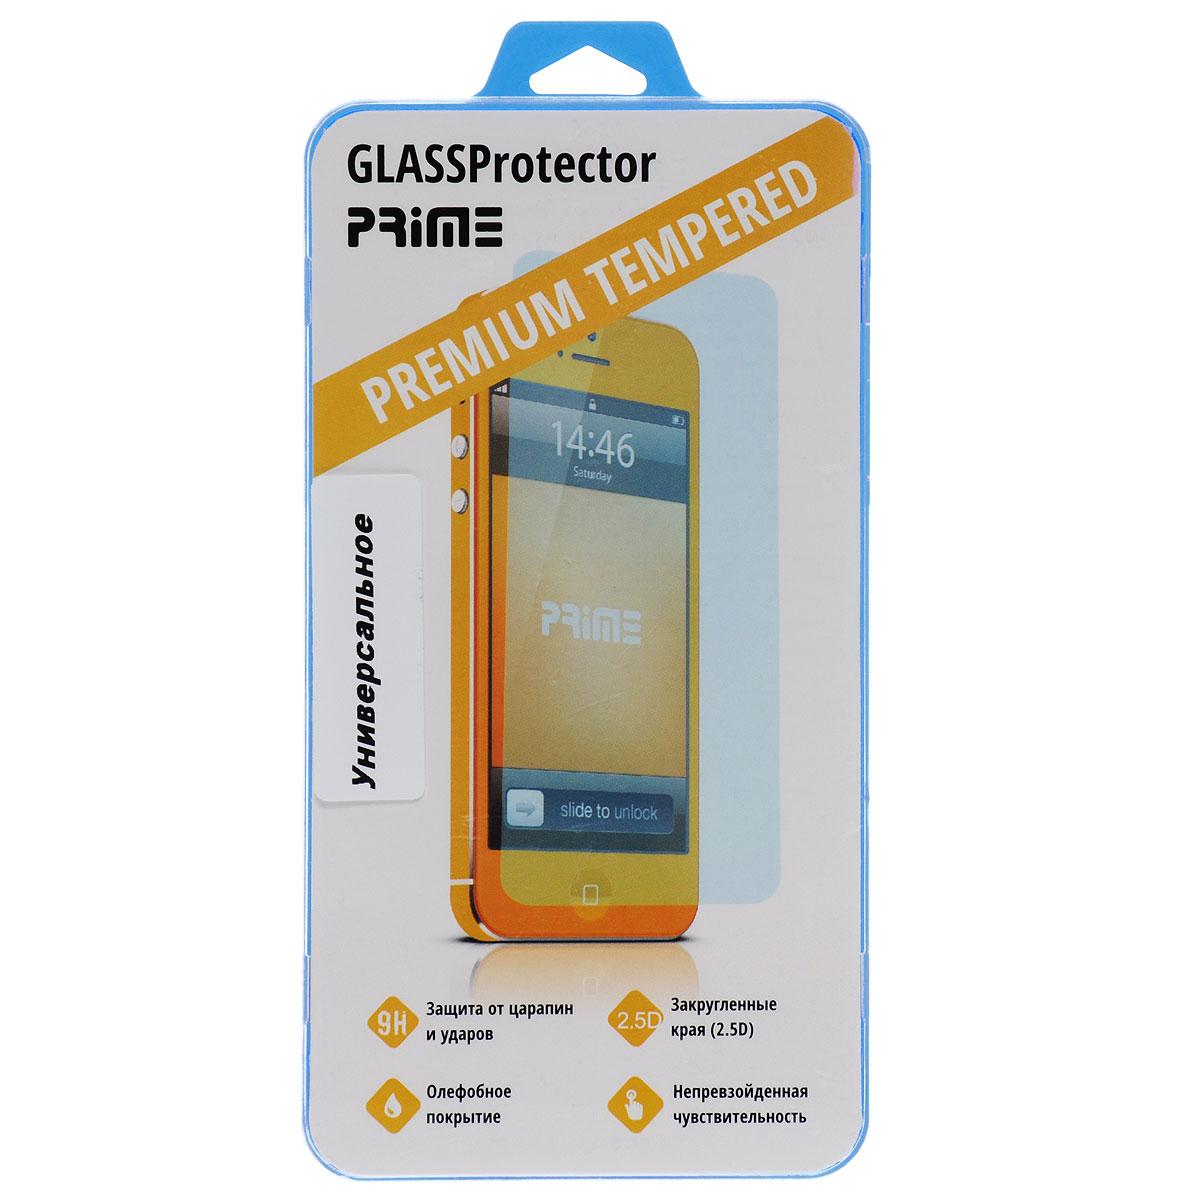 Prime Universal защитное стекло для устройств с экраном 4SP-136Прочное защитное стекло Prime Universal выполнено путем закаливания. Обеспечивает более высокий уровень защиты по сравнению с обычной пленкой. При этом яркость и чувствительность дисплея не будут ограничены. Препятствует появлению воздушных пузырей и надежно крепится на экране устройства. Имеет олеофобное покрытие.